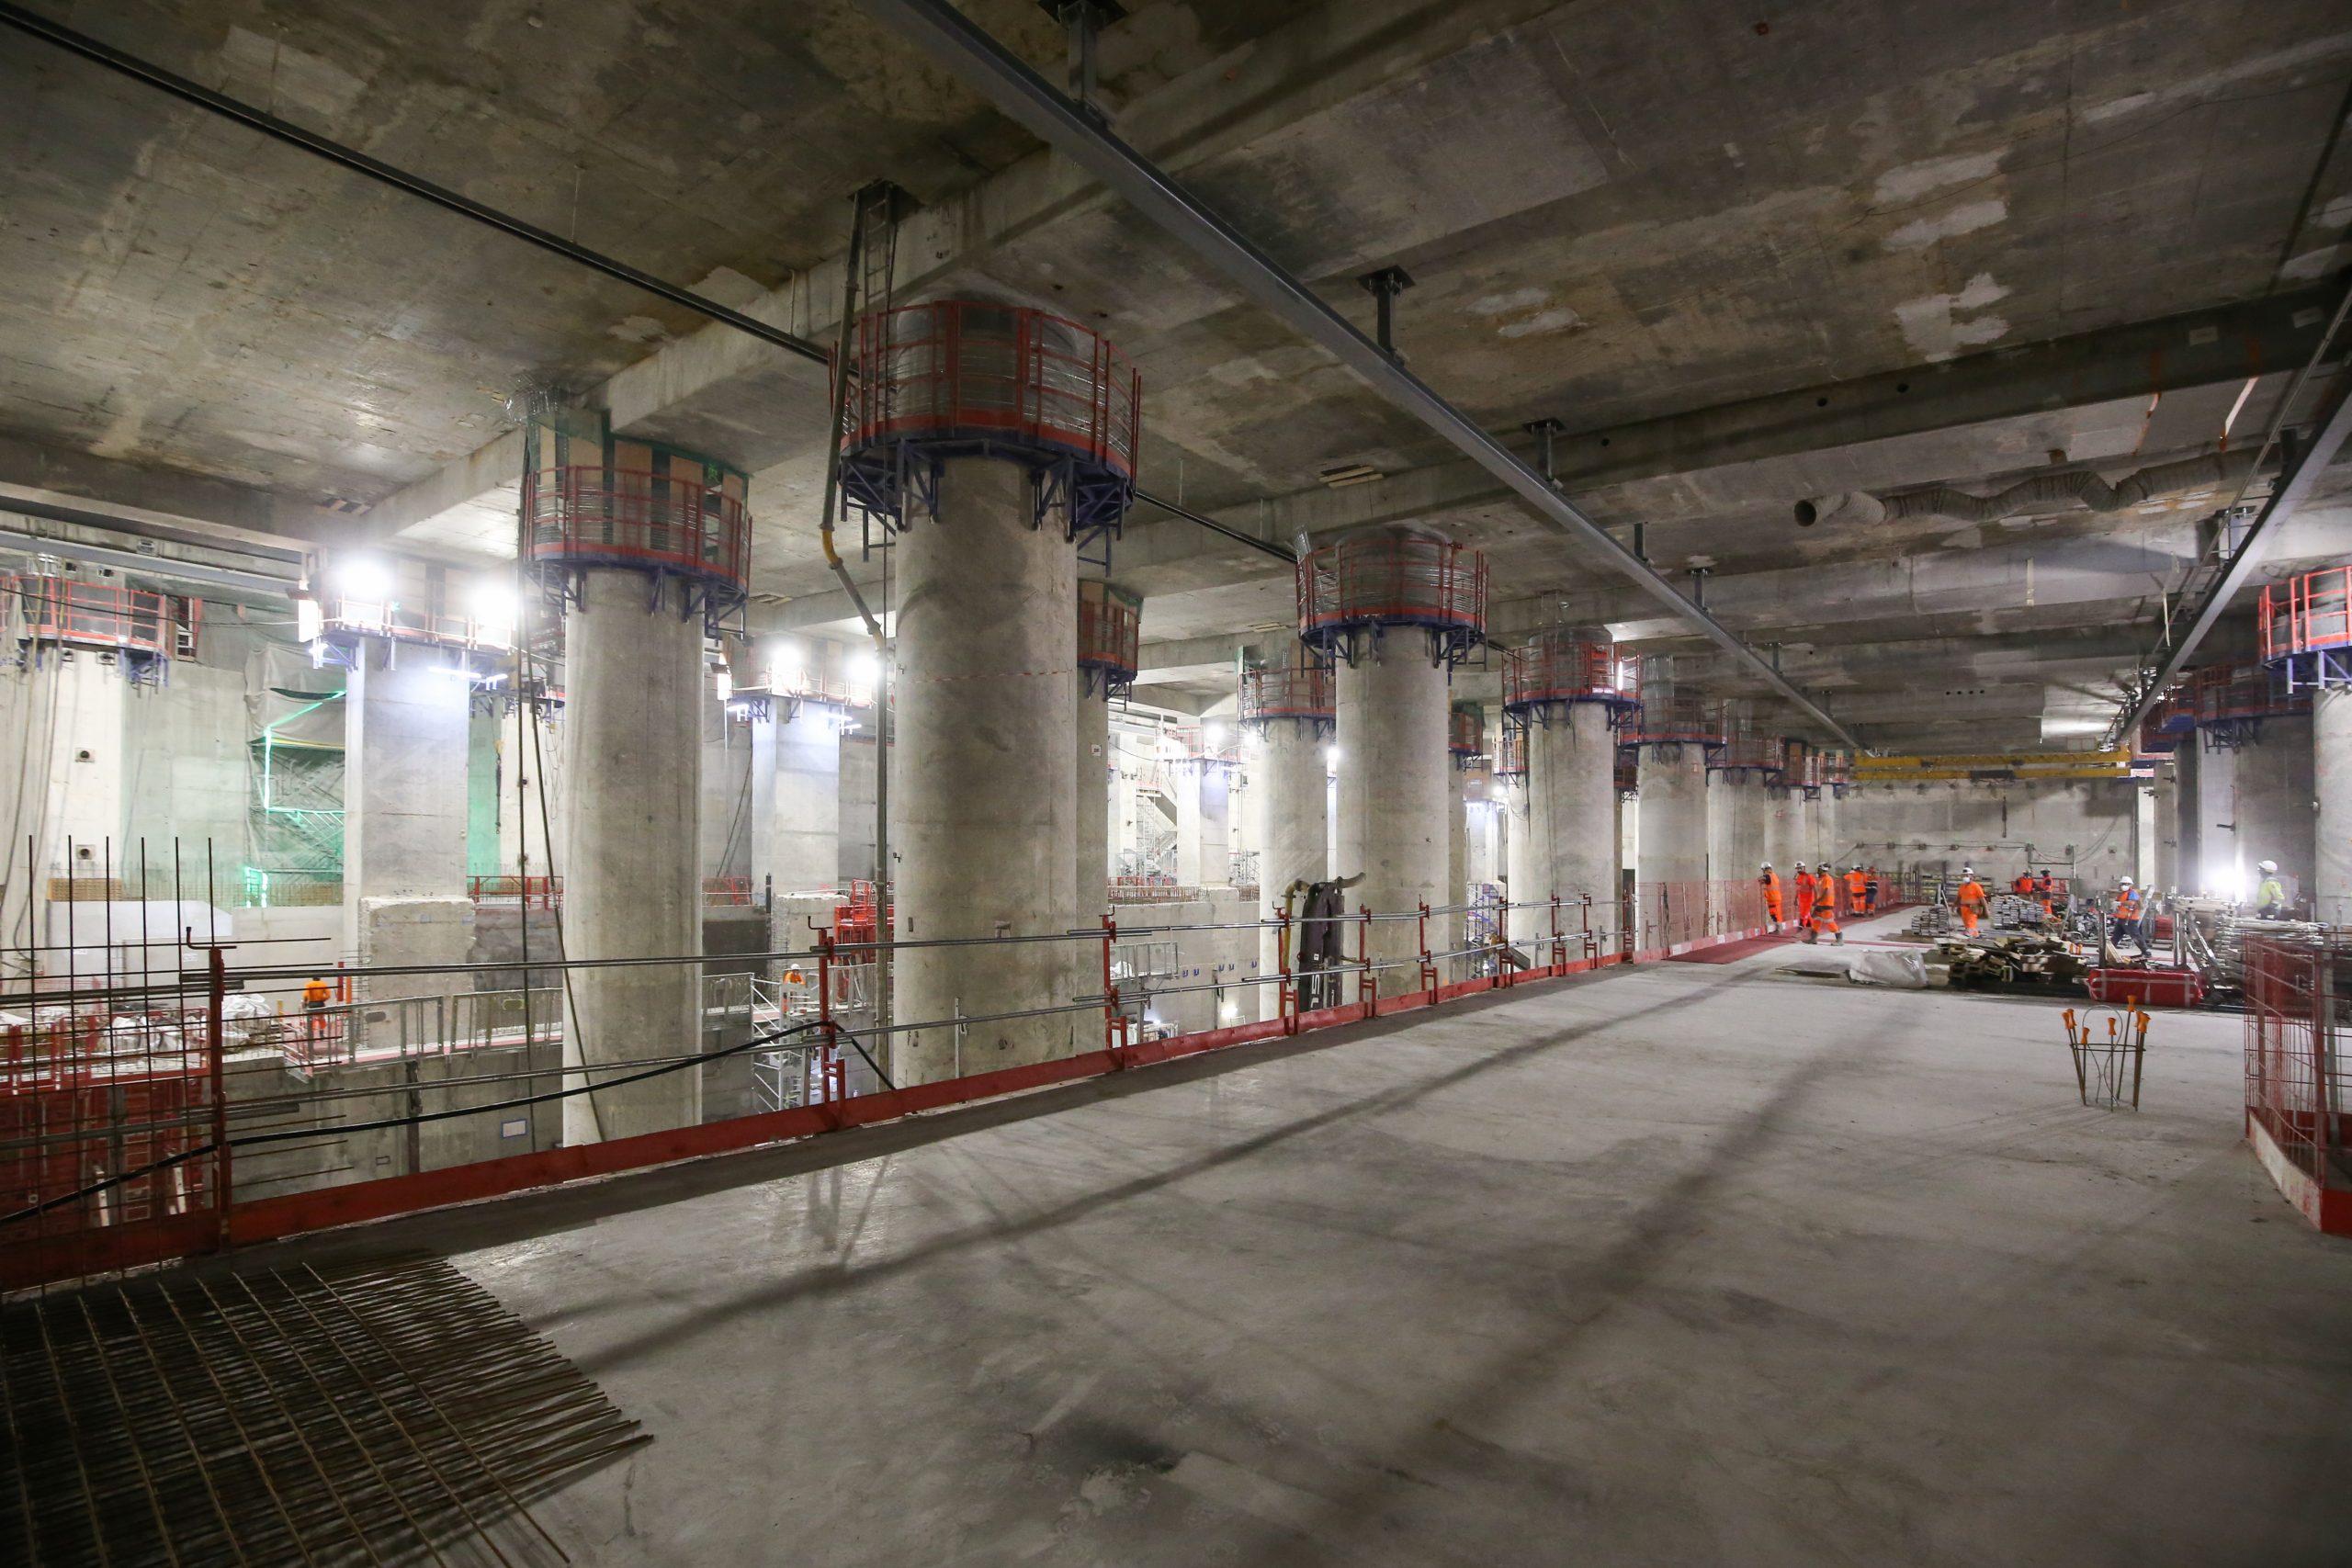 vue intérieure de la gare La Défense